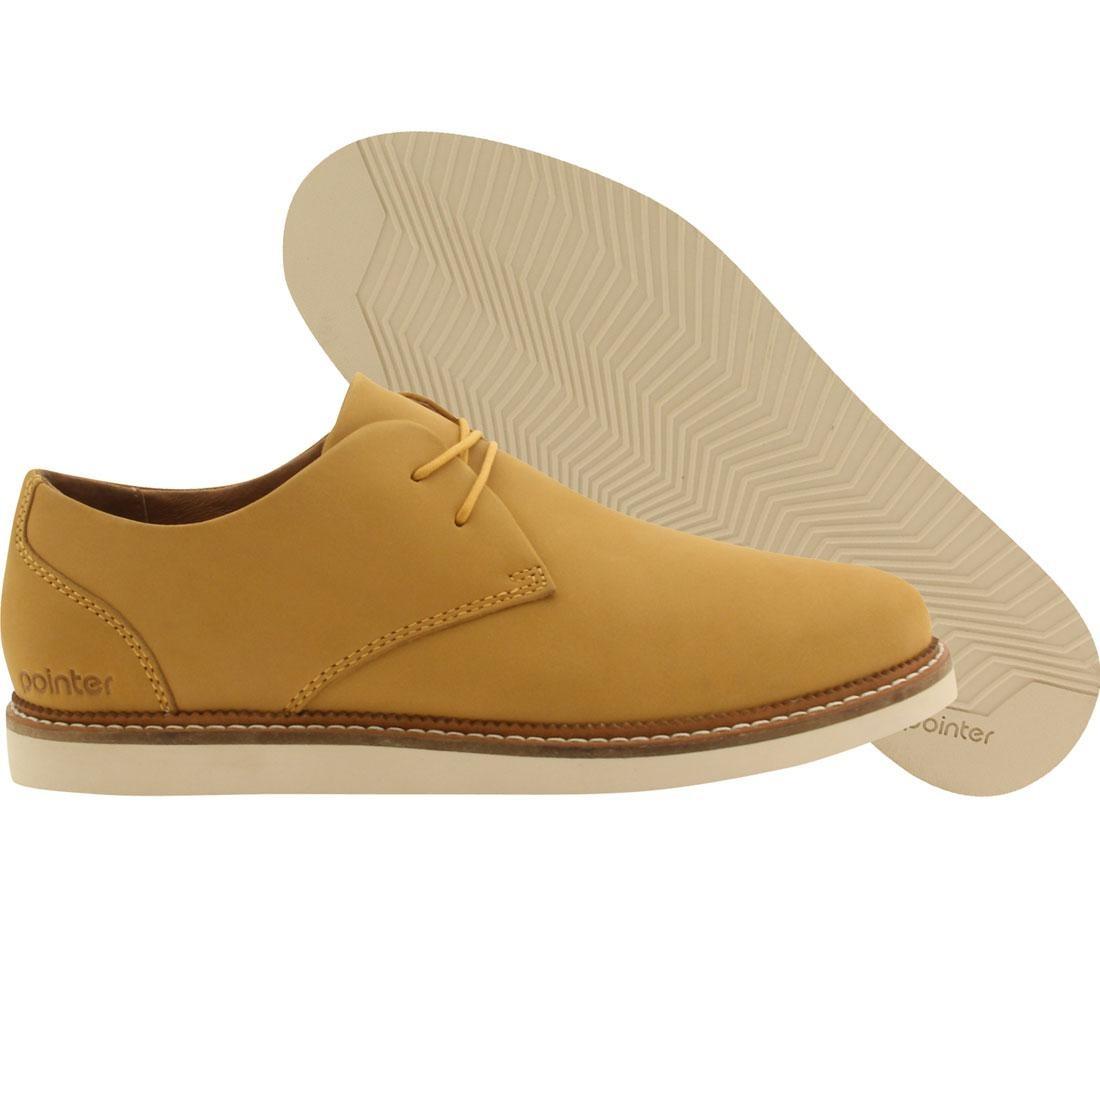 【海外限定】ハニー スニーカー メンズ靴 【 POINTER MEN CRAGO GOLD HONEY 】